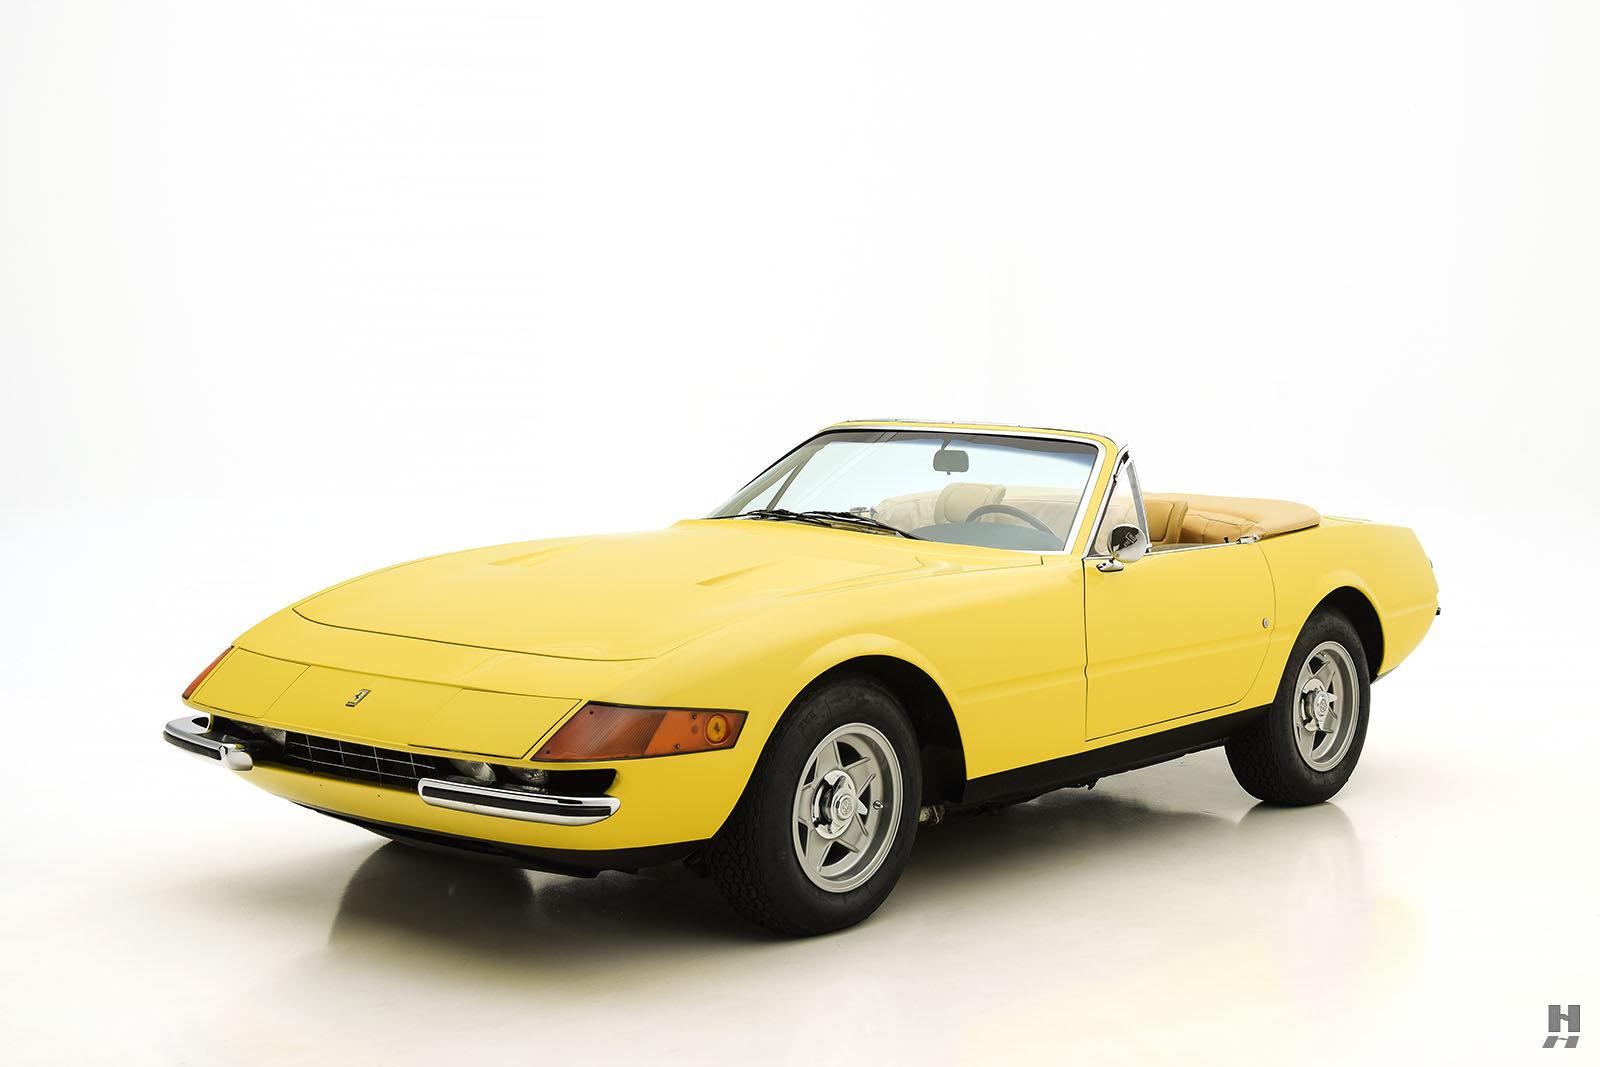 Ferrari 365 GTB/4 Daytona Spider-Conversion - 1971 For Sale (picture 2 of 6)